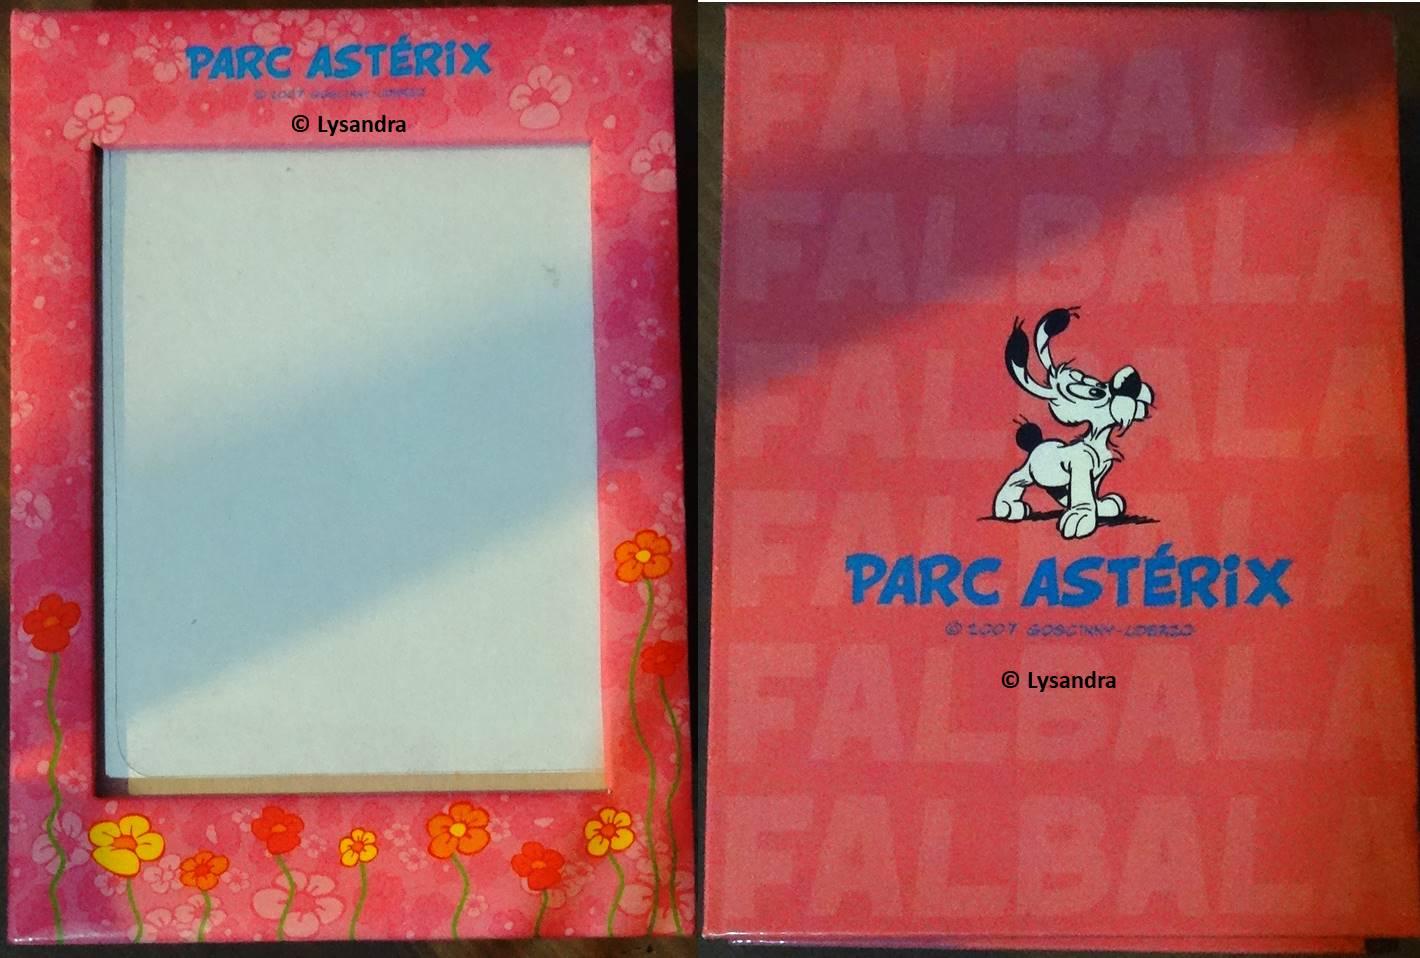 Mes dernières acquisitions Astérix - Page 33 88Vpw